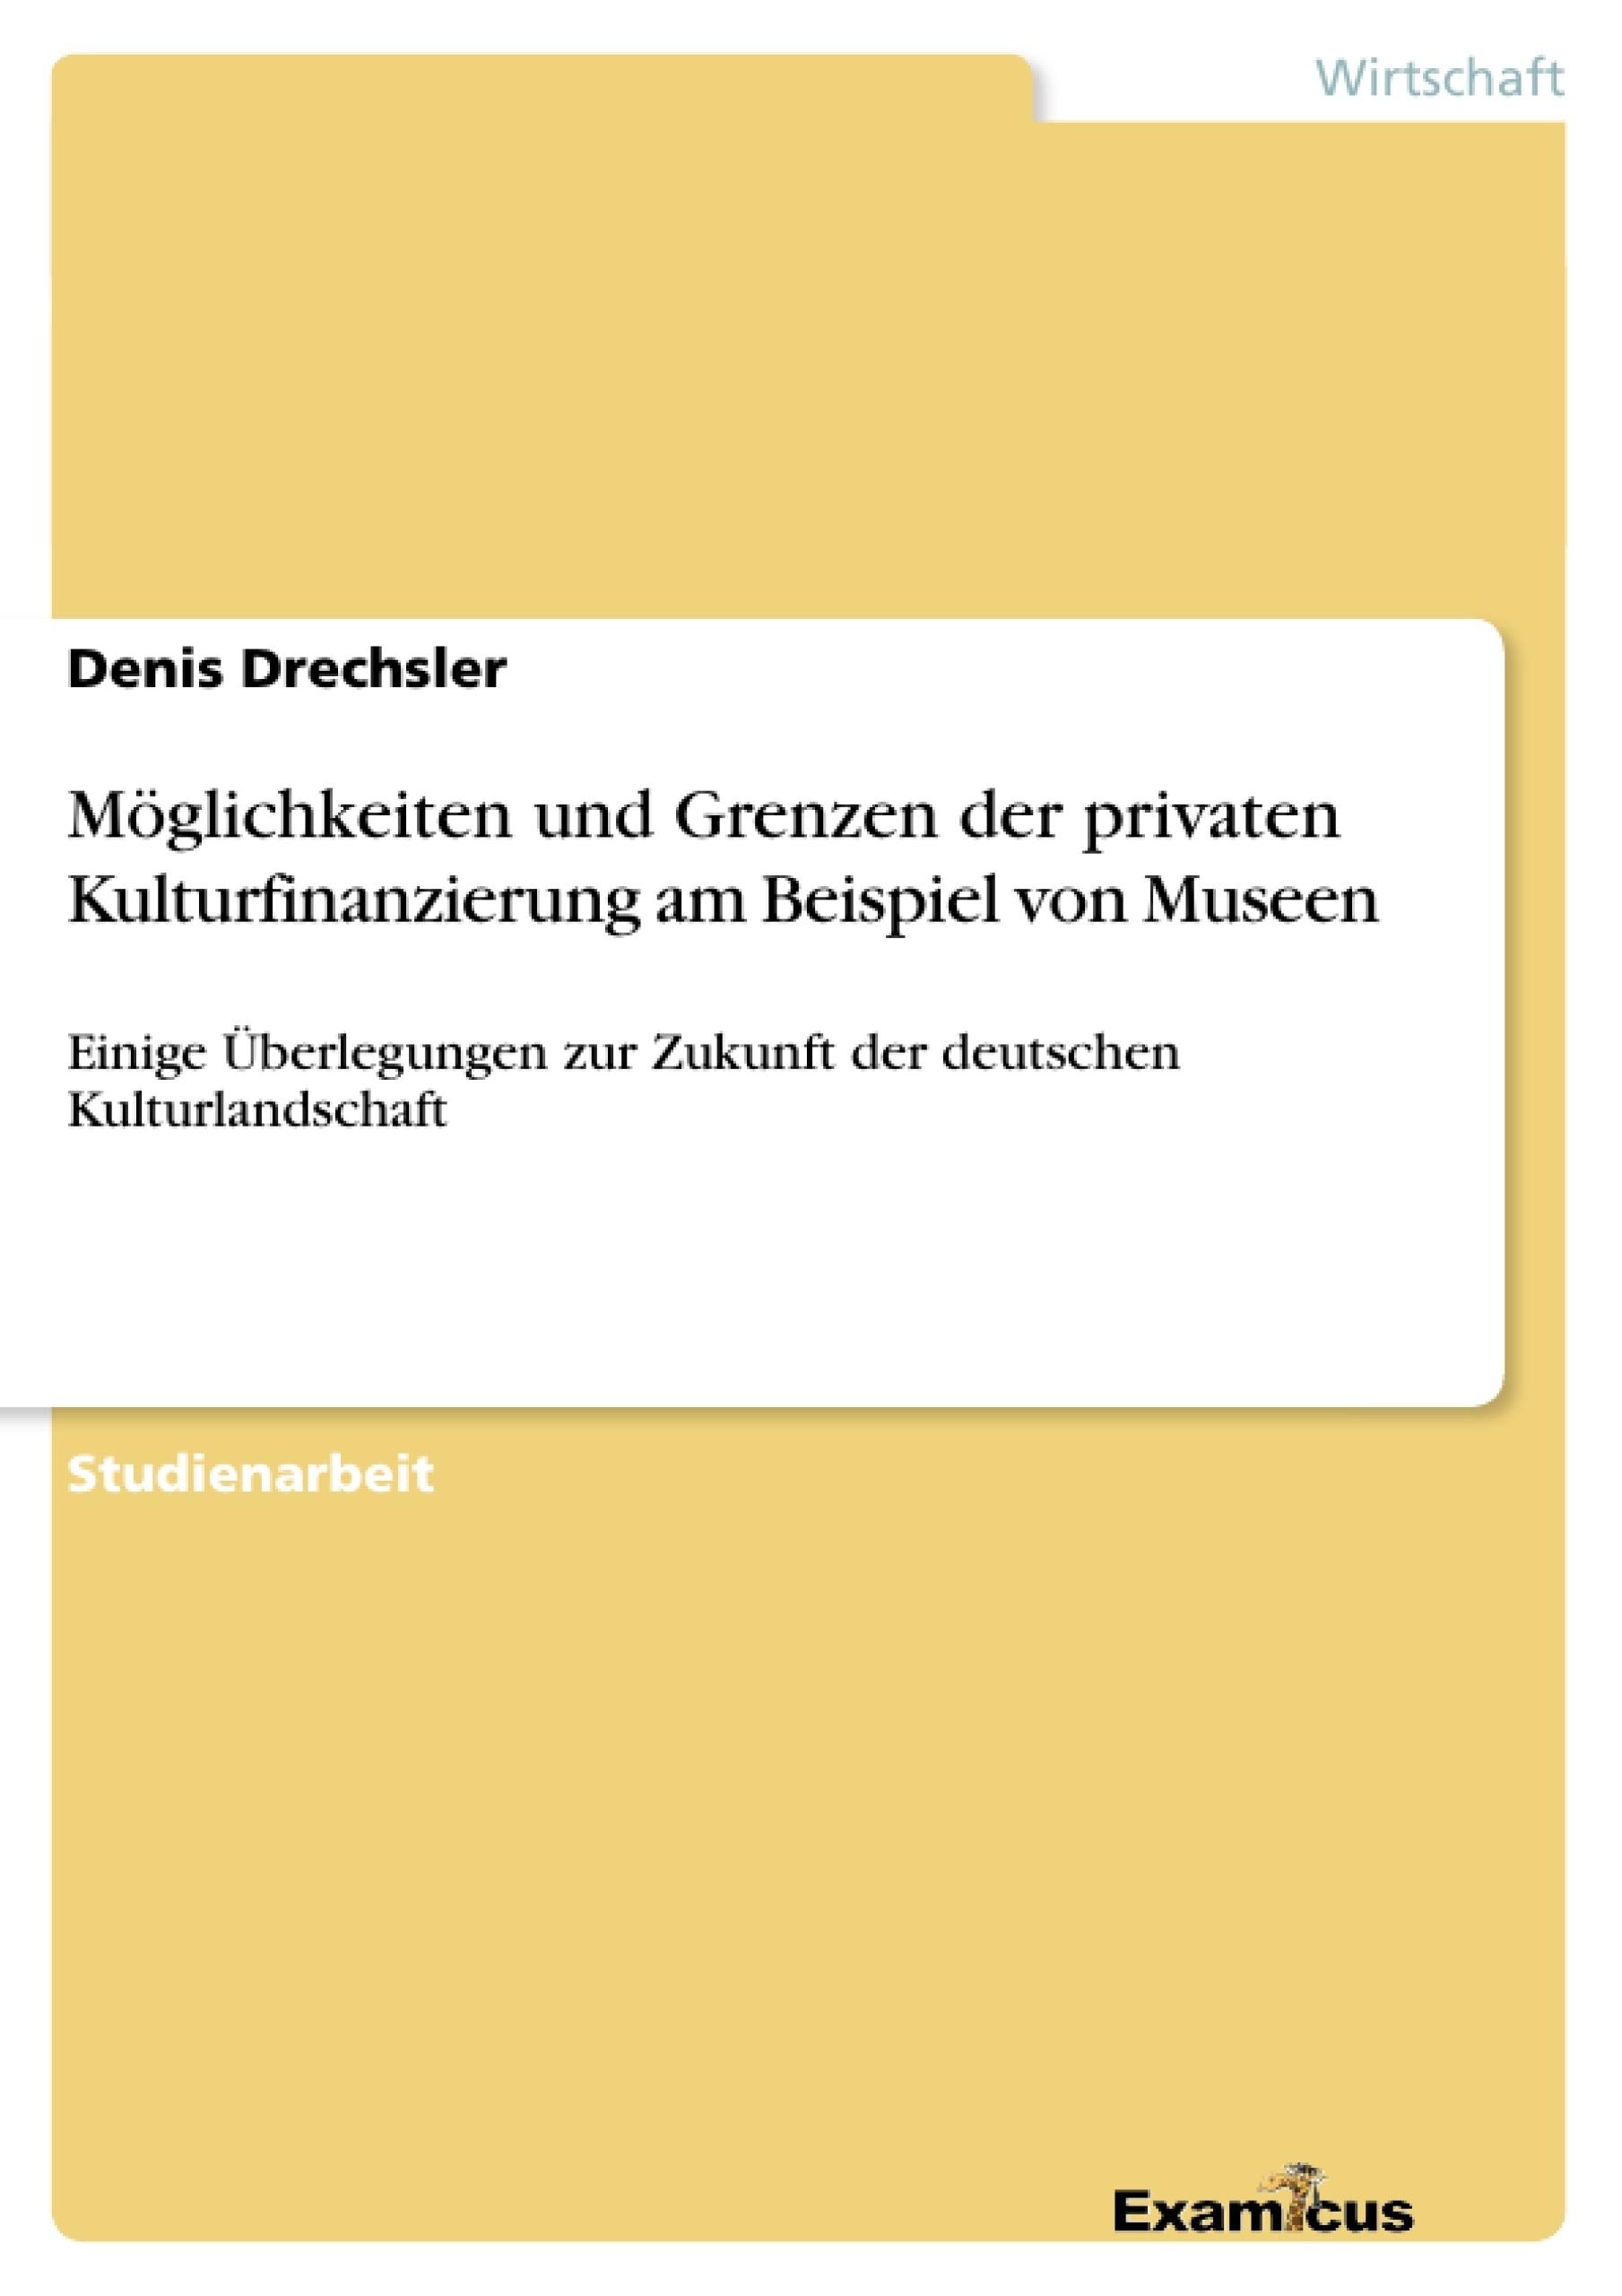 Titel: Möglichkeiten und Grenzen der privaten Kulturfinanzierung am Beispiel von Museen